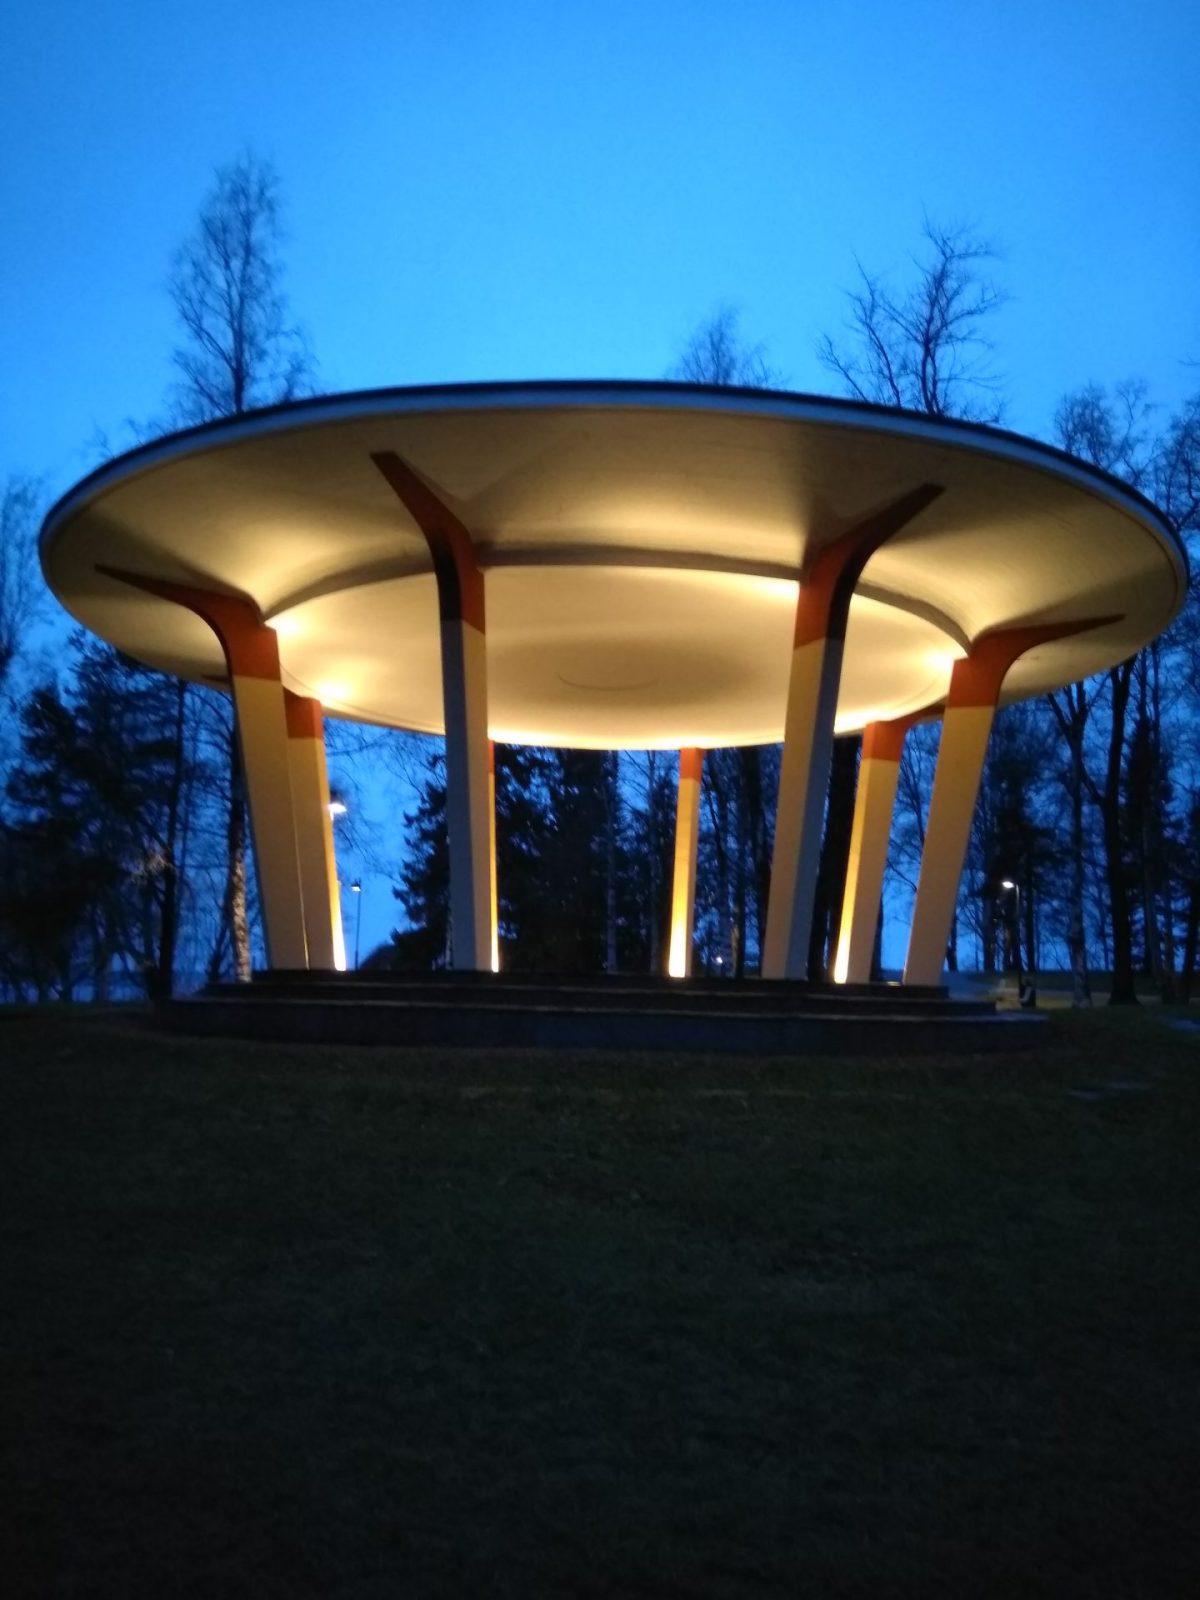 Näsinpuiston laululava valaistuna ja ympärillä syksyinen hämärä puisto.